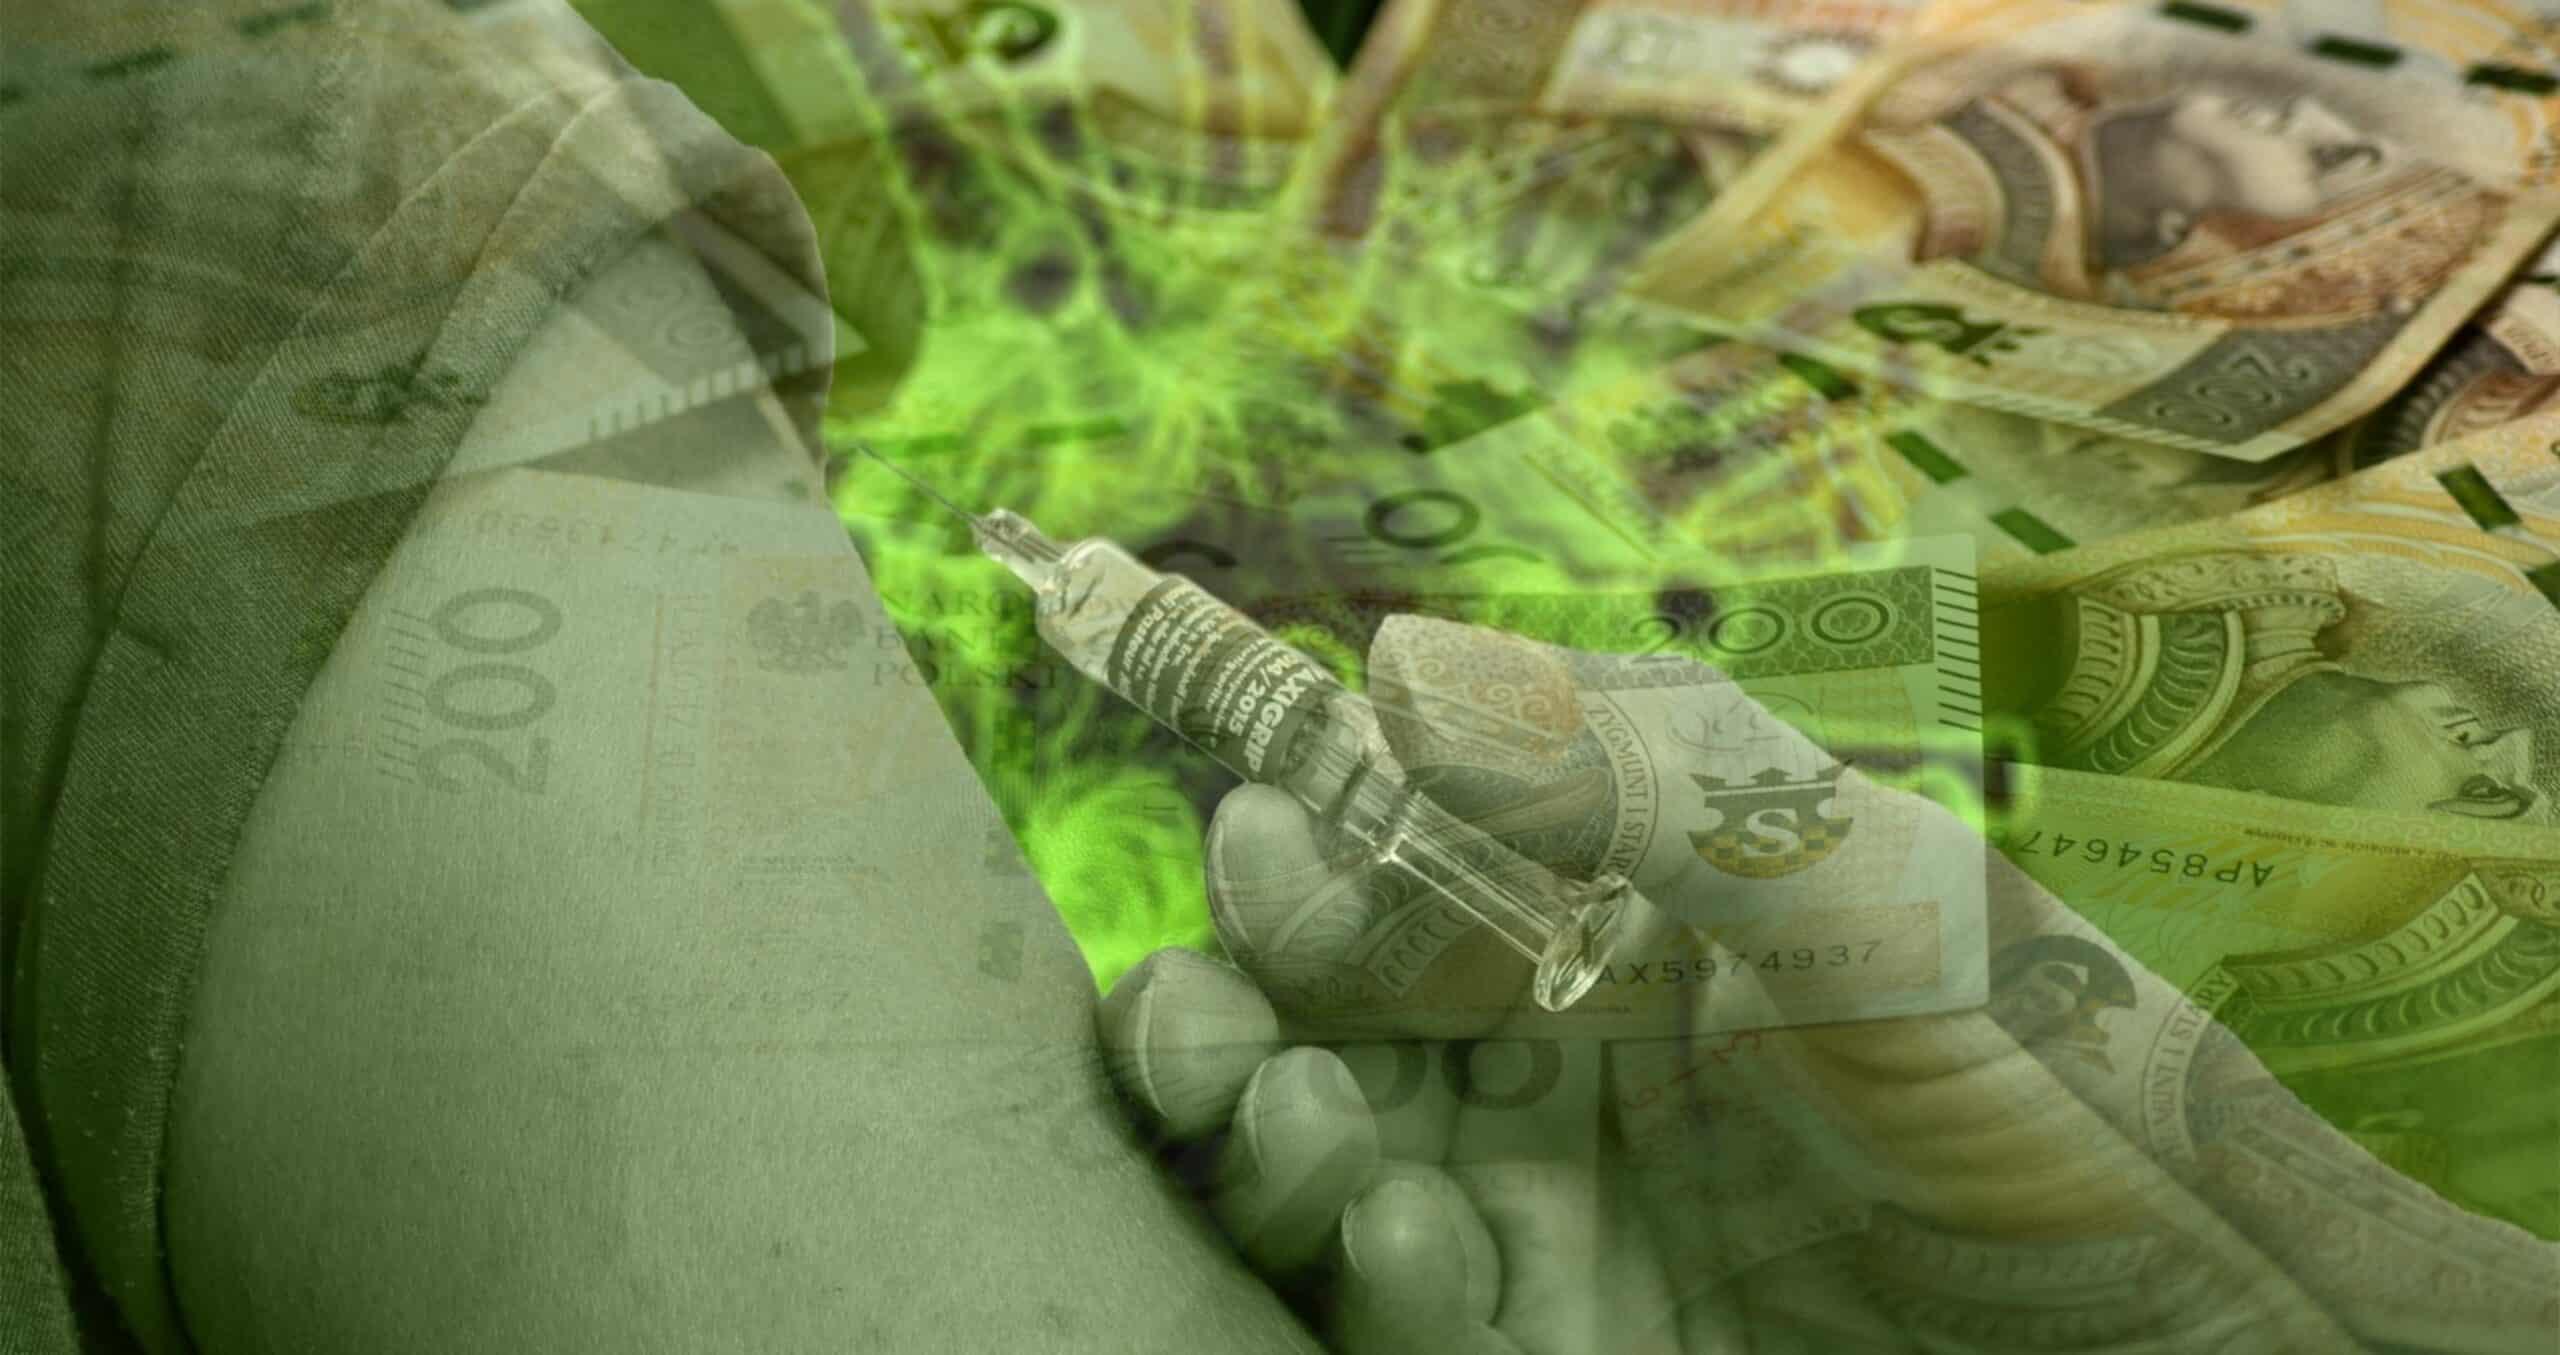 Epidemia koronawirusa: Brytyjczycy szukają ochotników, płacą pieniądze za zarażenie koronawirusem, chodzi o lek hVIVO, który trzeba przetestować na ludziach